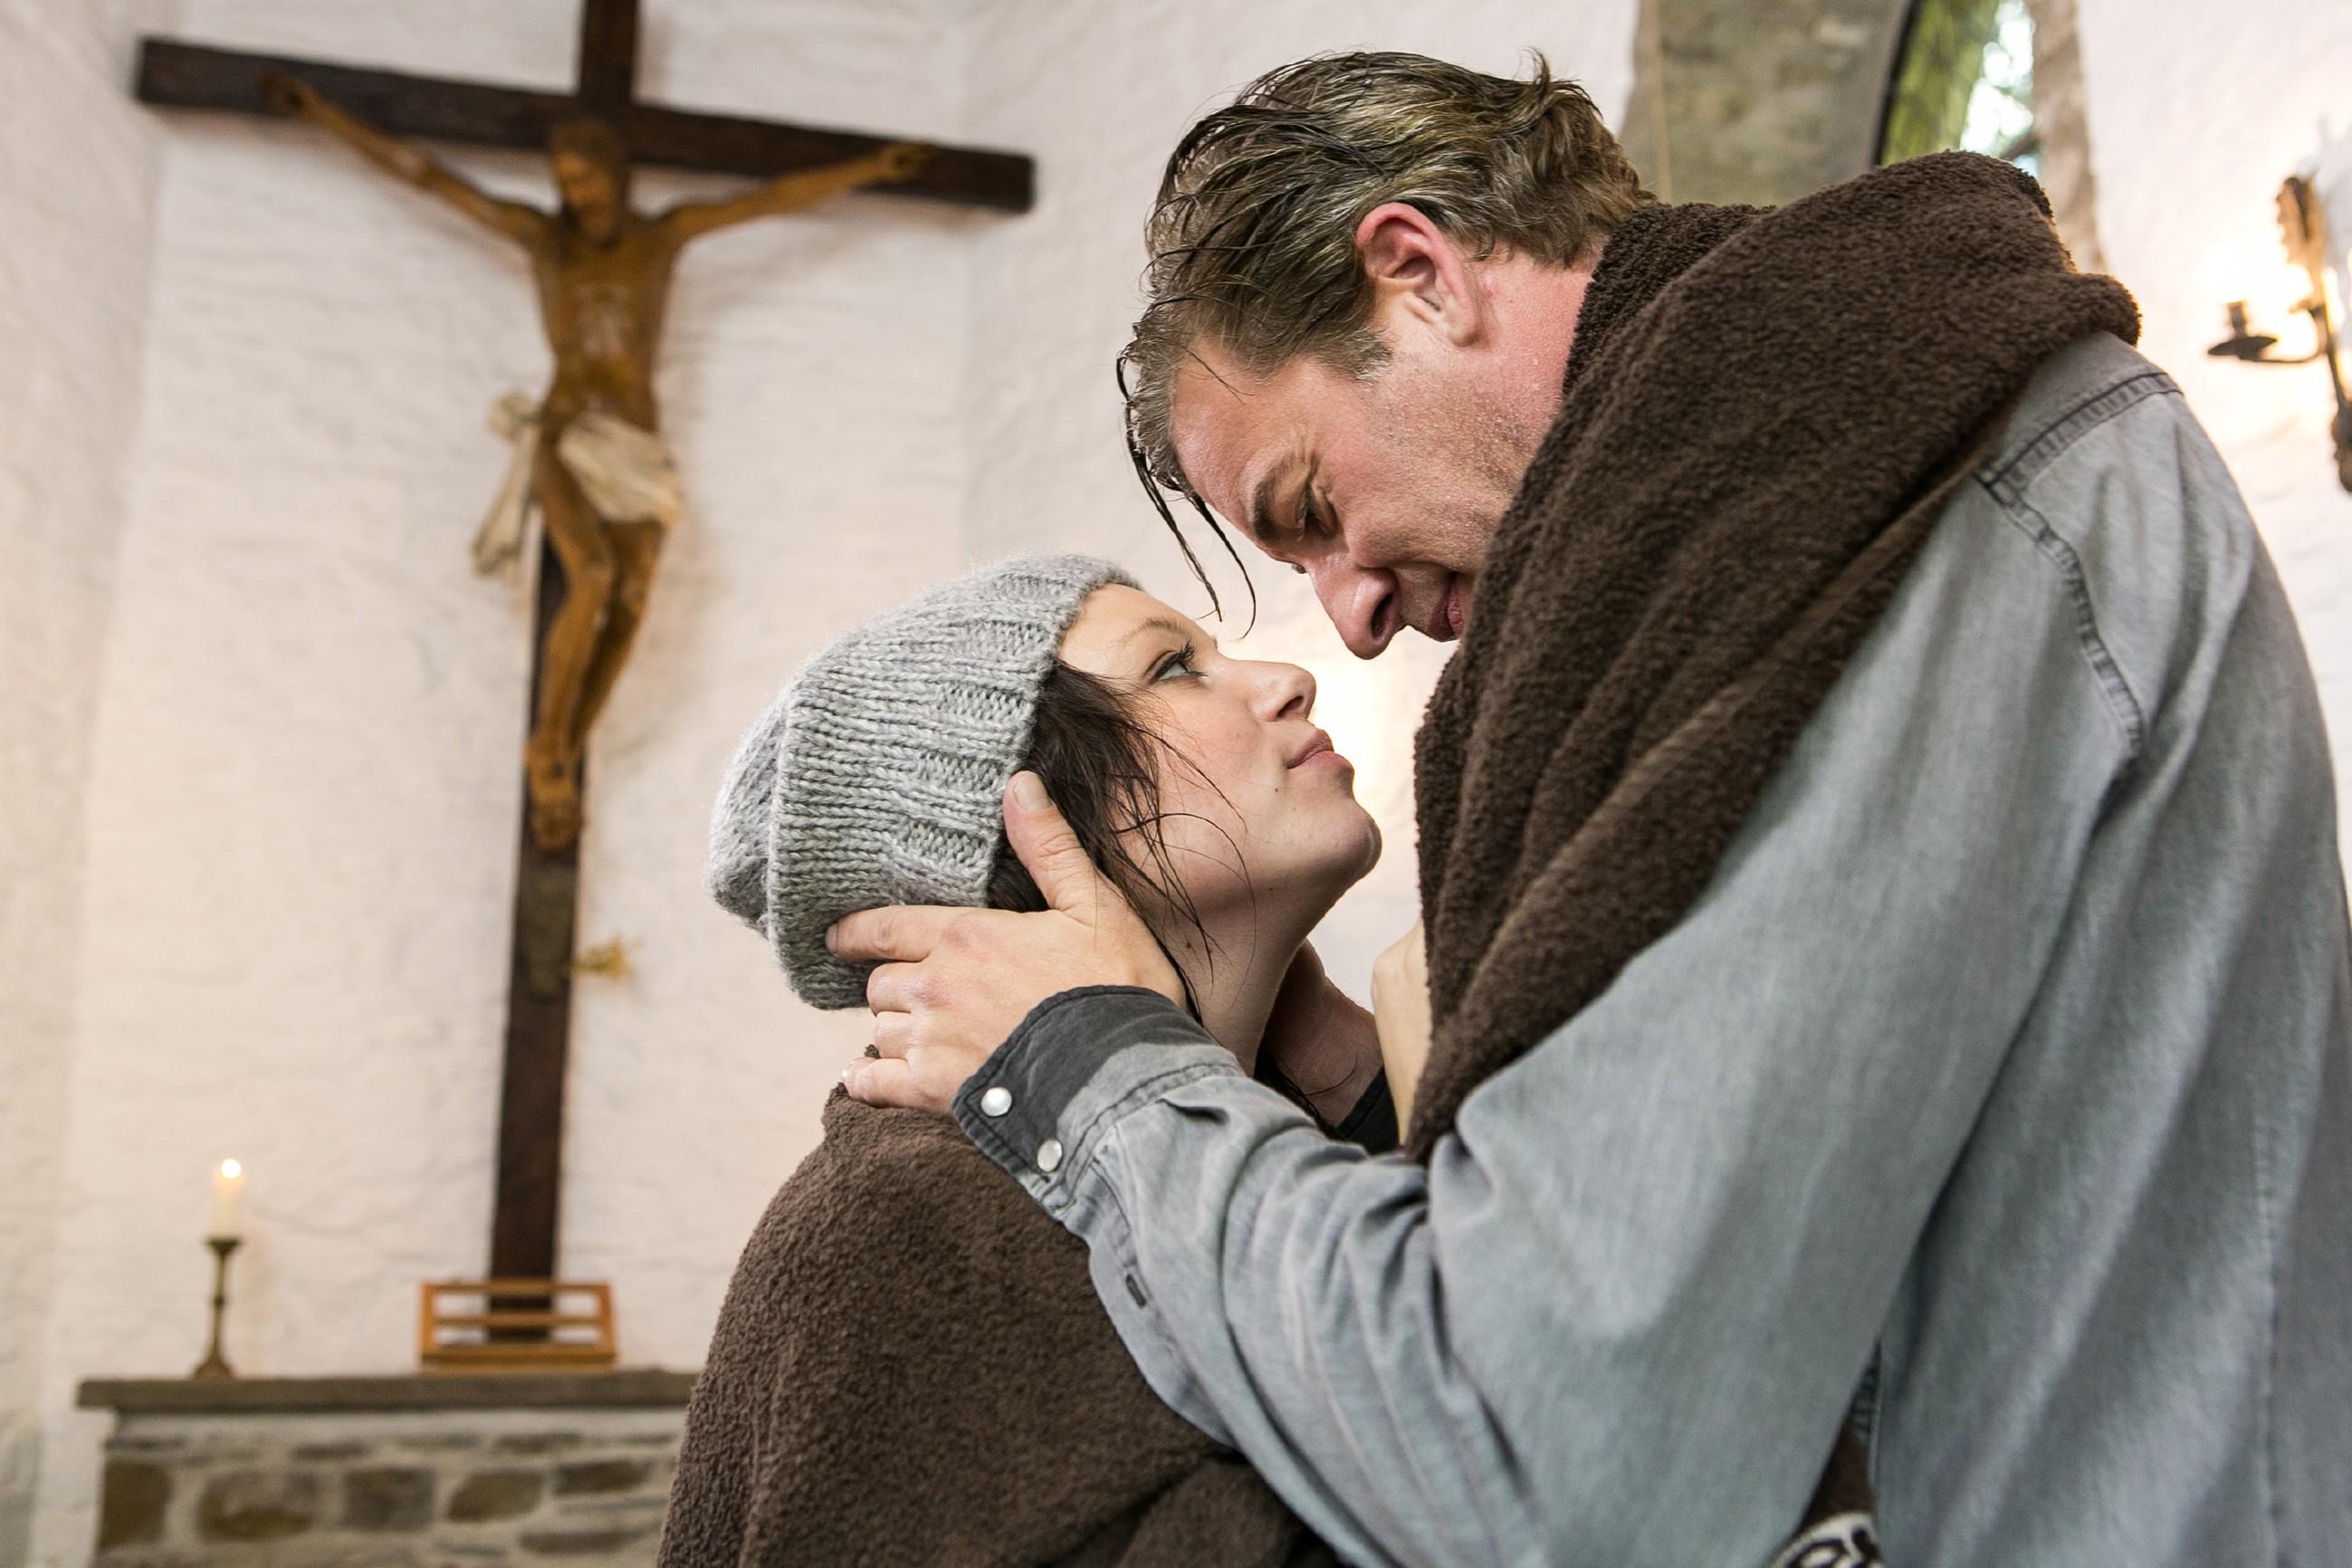 Nachdem Vanessa (Julia Augustin) Christophs (Lars Korten) Antrag angenommen hat, schweben die beiden im siebten Himmel. Als sie dann bei einem Spaziergang von einem Gewitter überrascht werden, finden sie ausgerechnet Zuflucht in einer Kapelle. (Quelle: RTL / Kai Schulz)